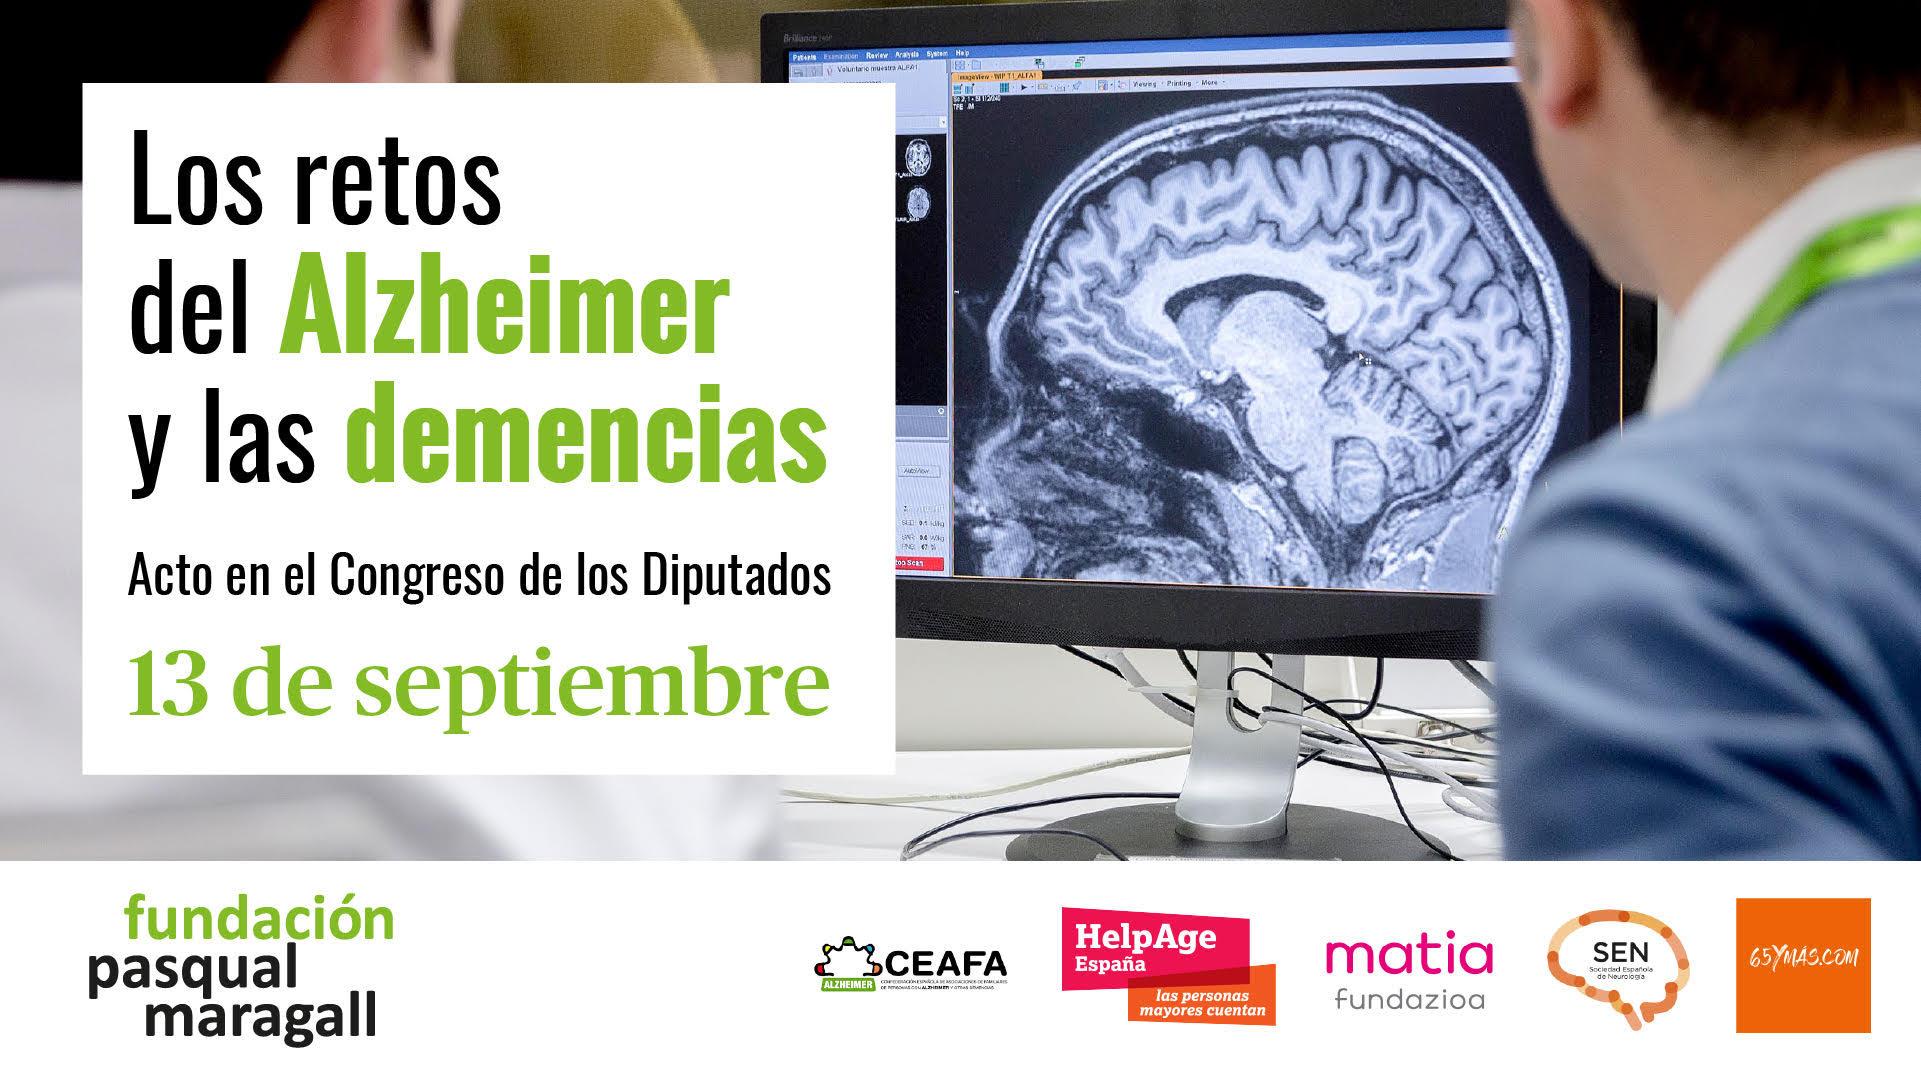 Cartel anunciador del acto: Retos del Alzheimer